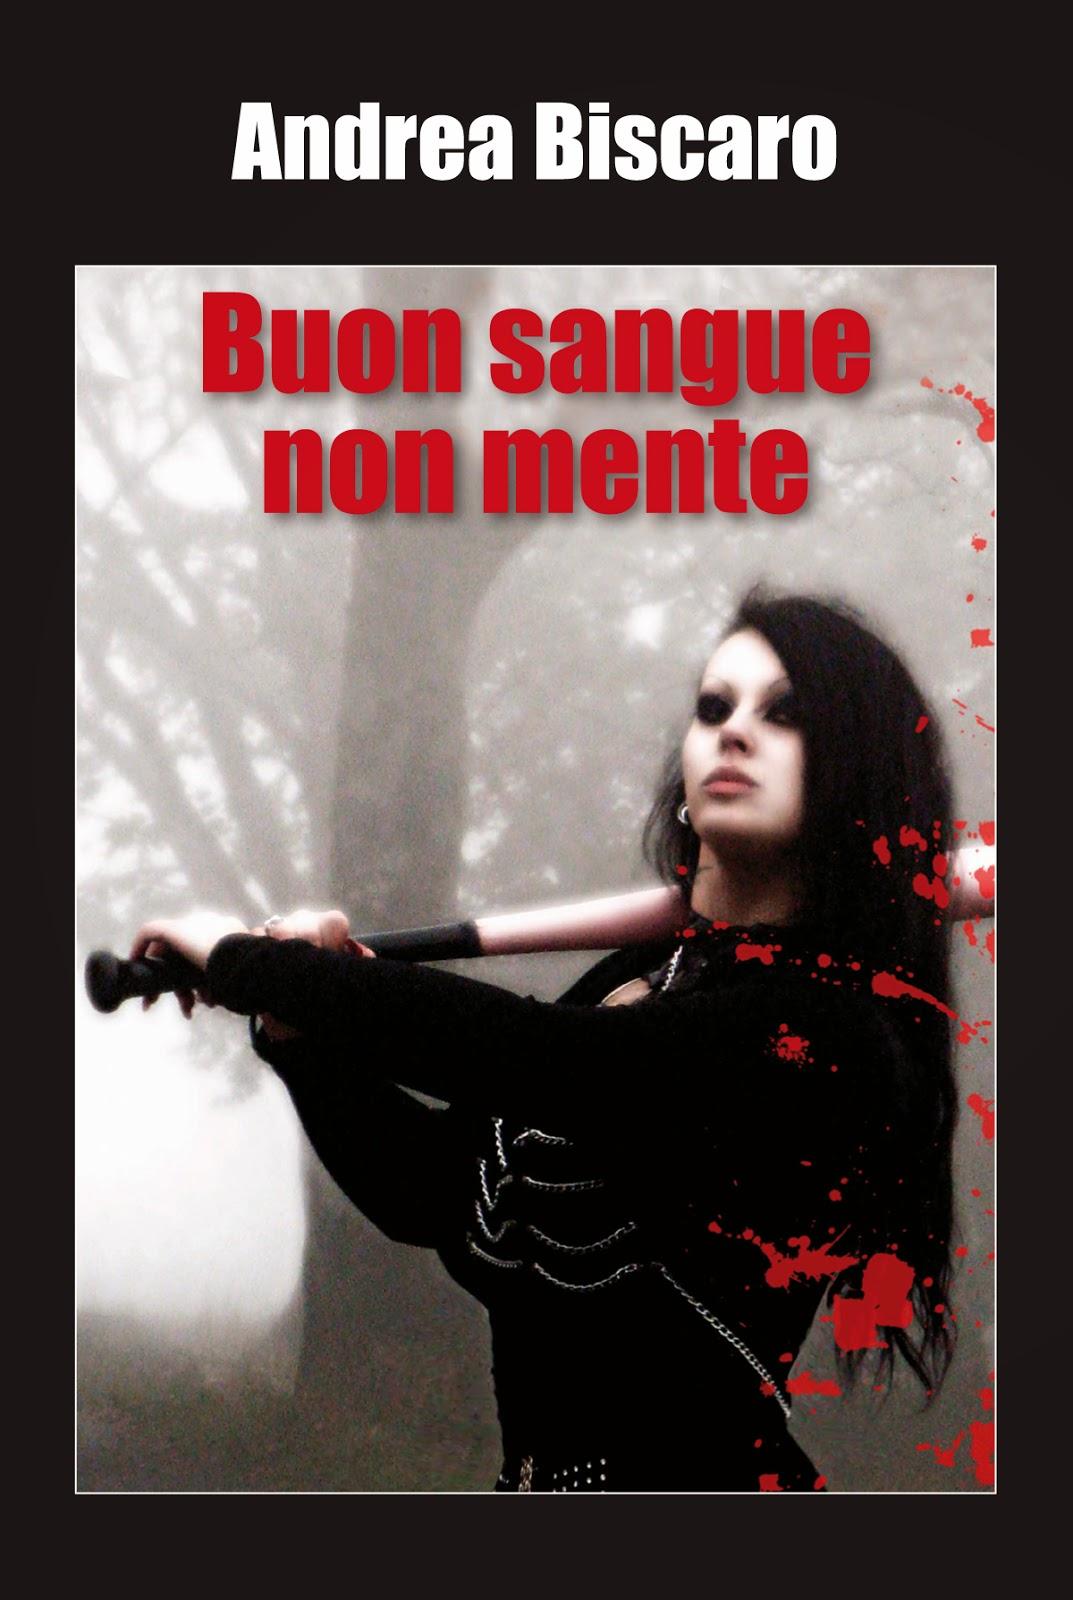 Buon sangue non mente (Andrea Biscaro)